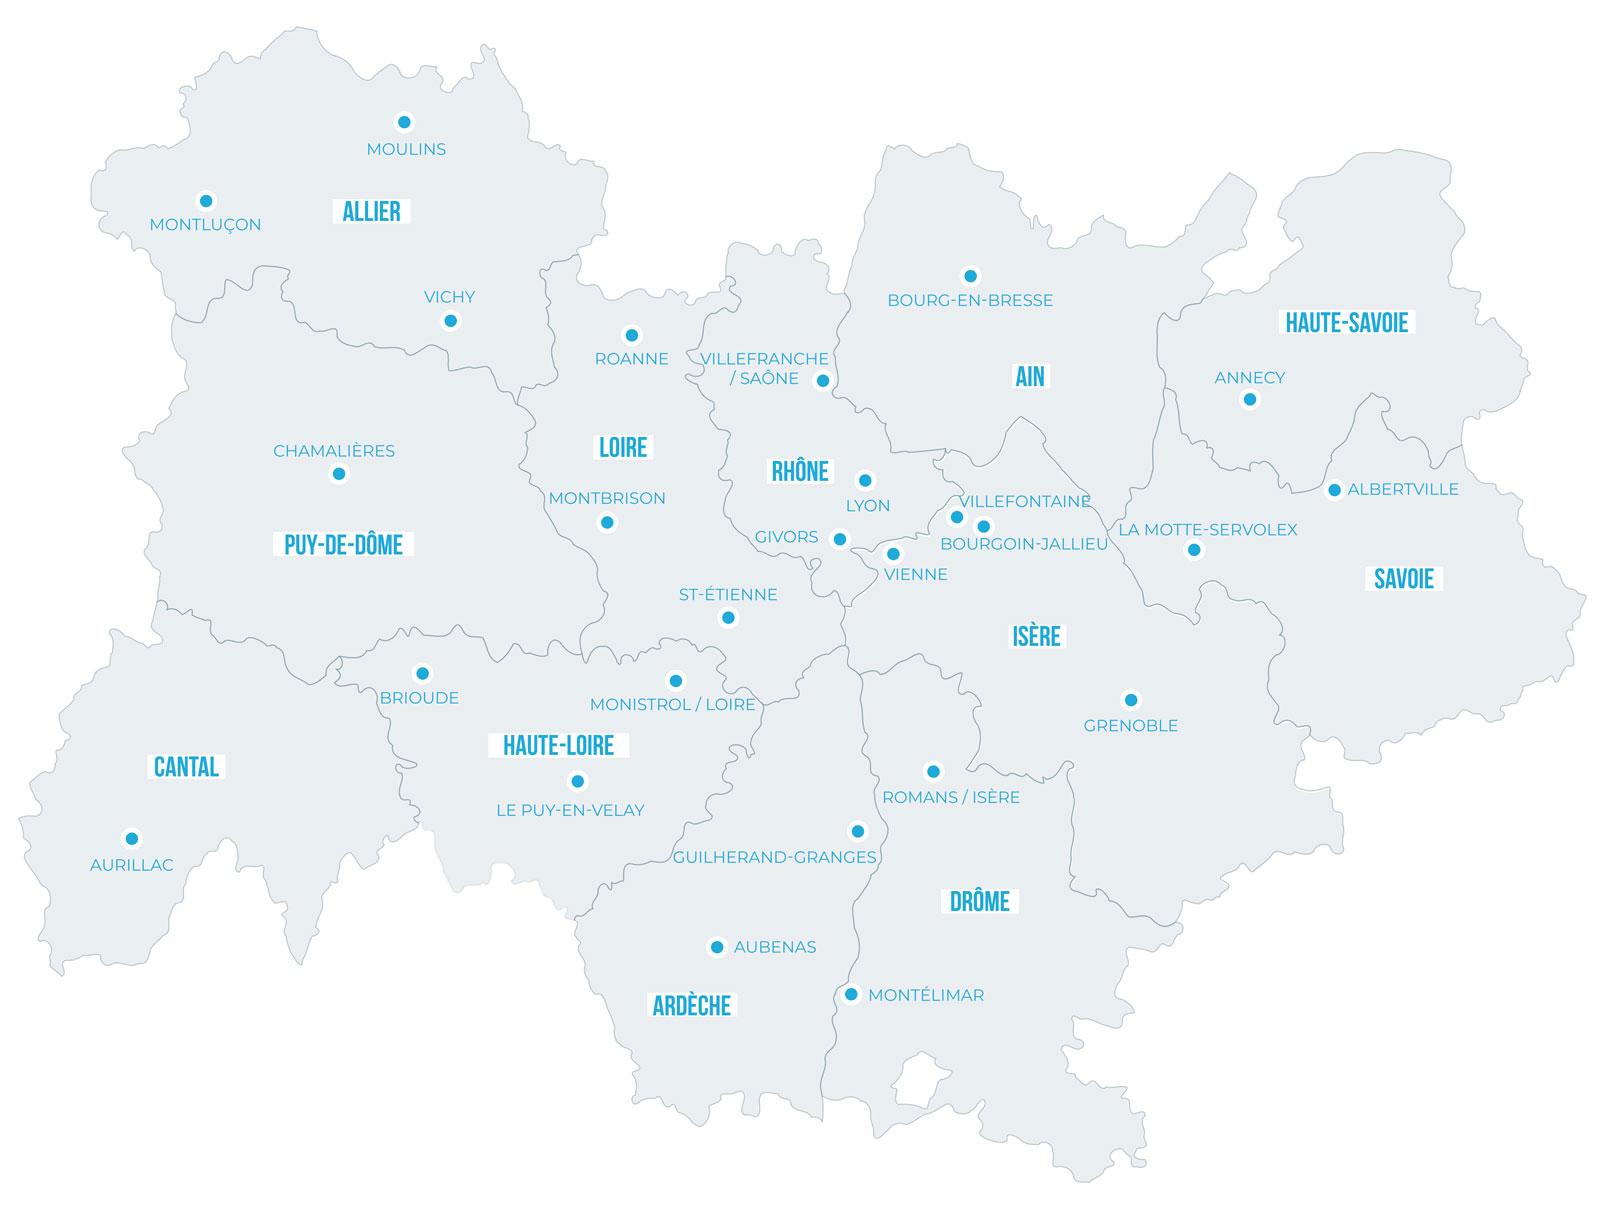 réseau CMA Auvergne-Rhône-Alpes